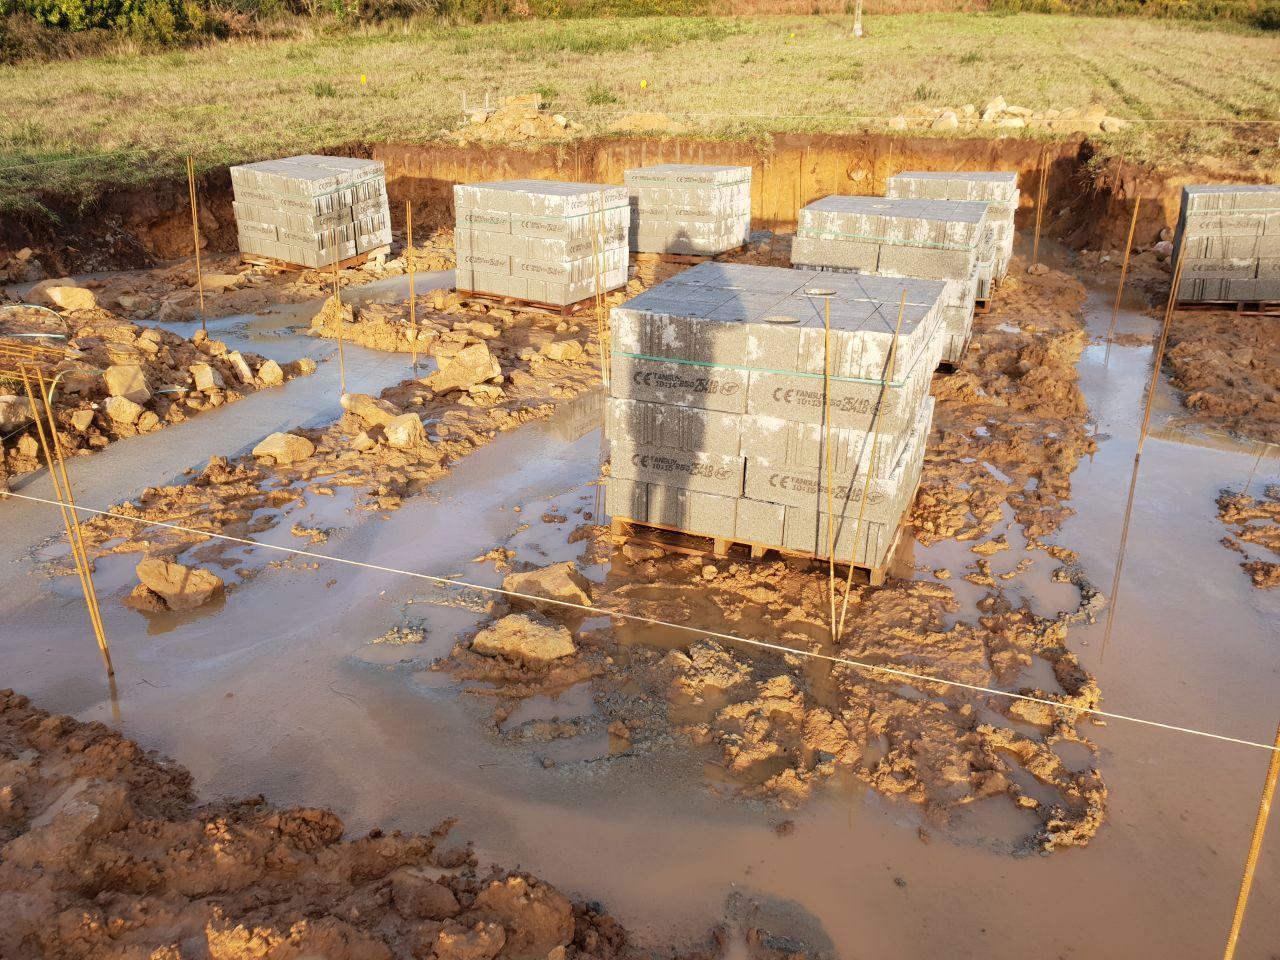 Les fondations, sous la pluie.